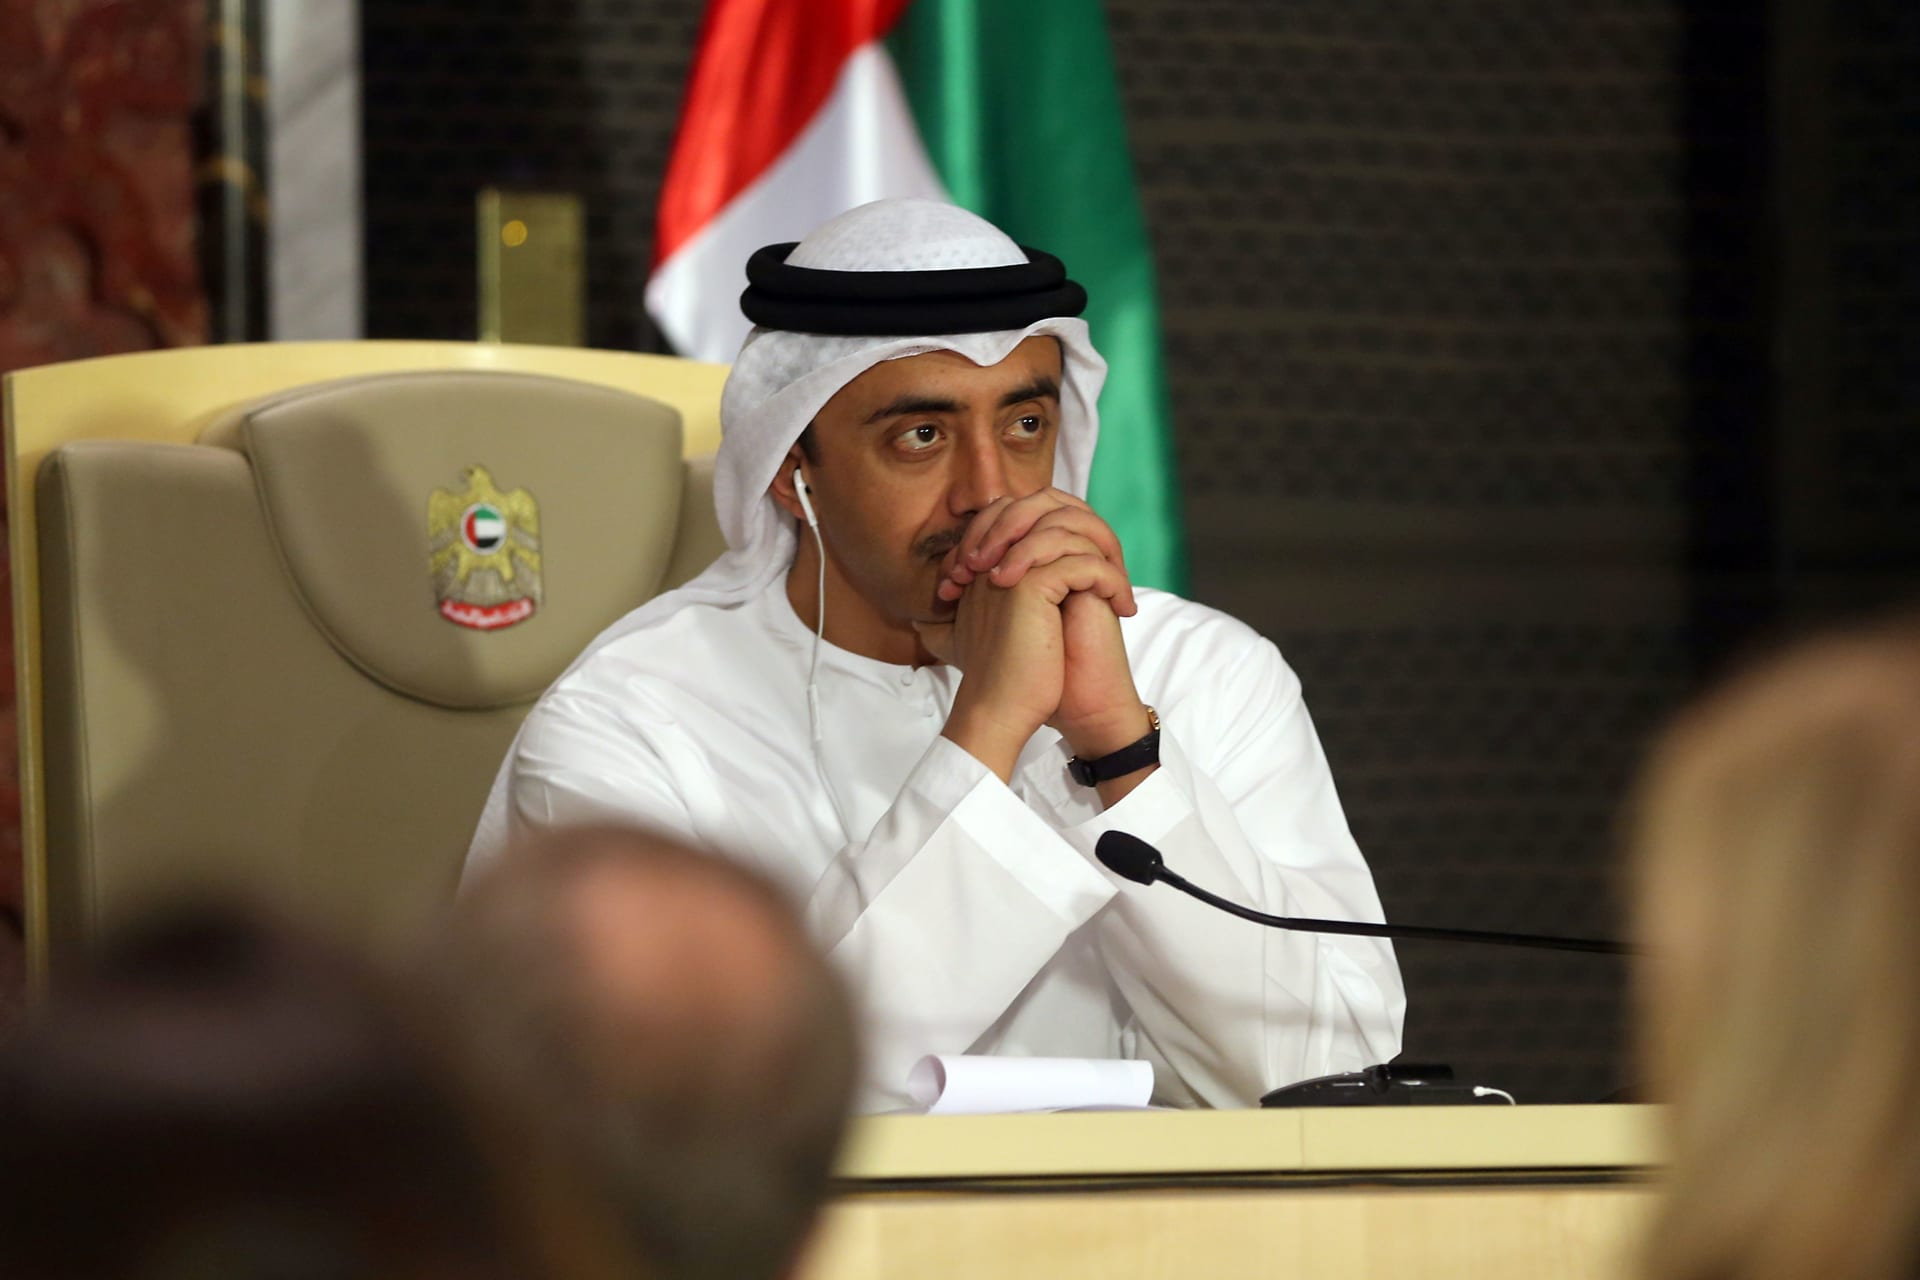 وزير الخارجية الإماراتي: حريصون على عودة دور سوريا عربيا